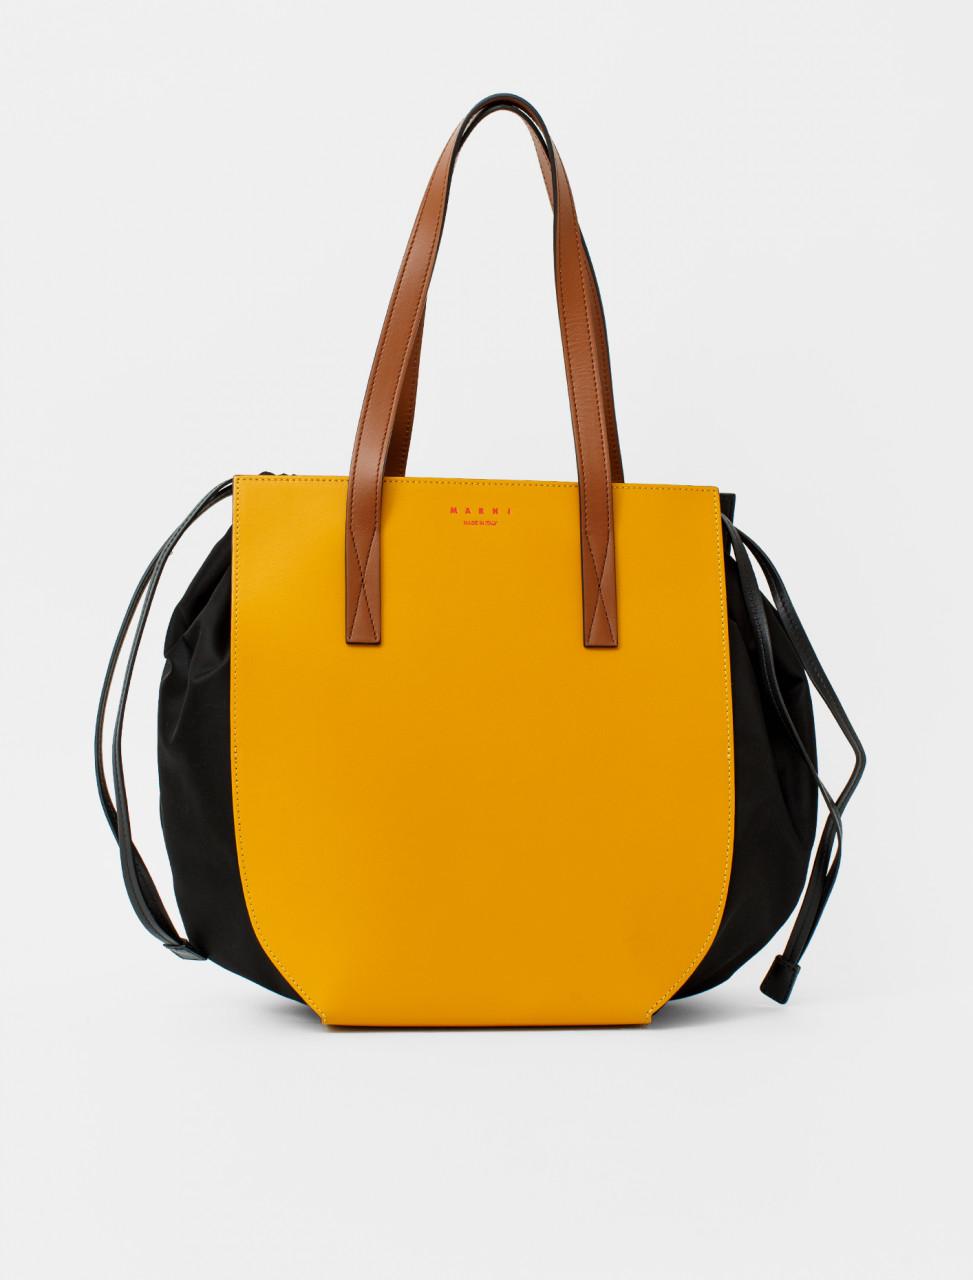 Gusset Shopping Bag